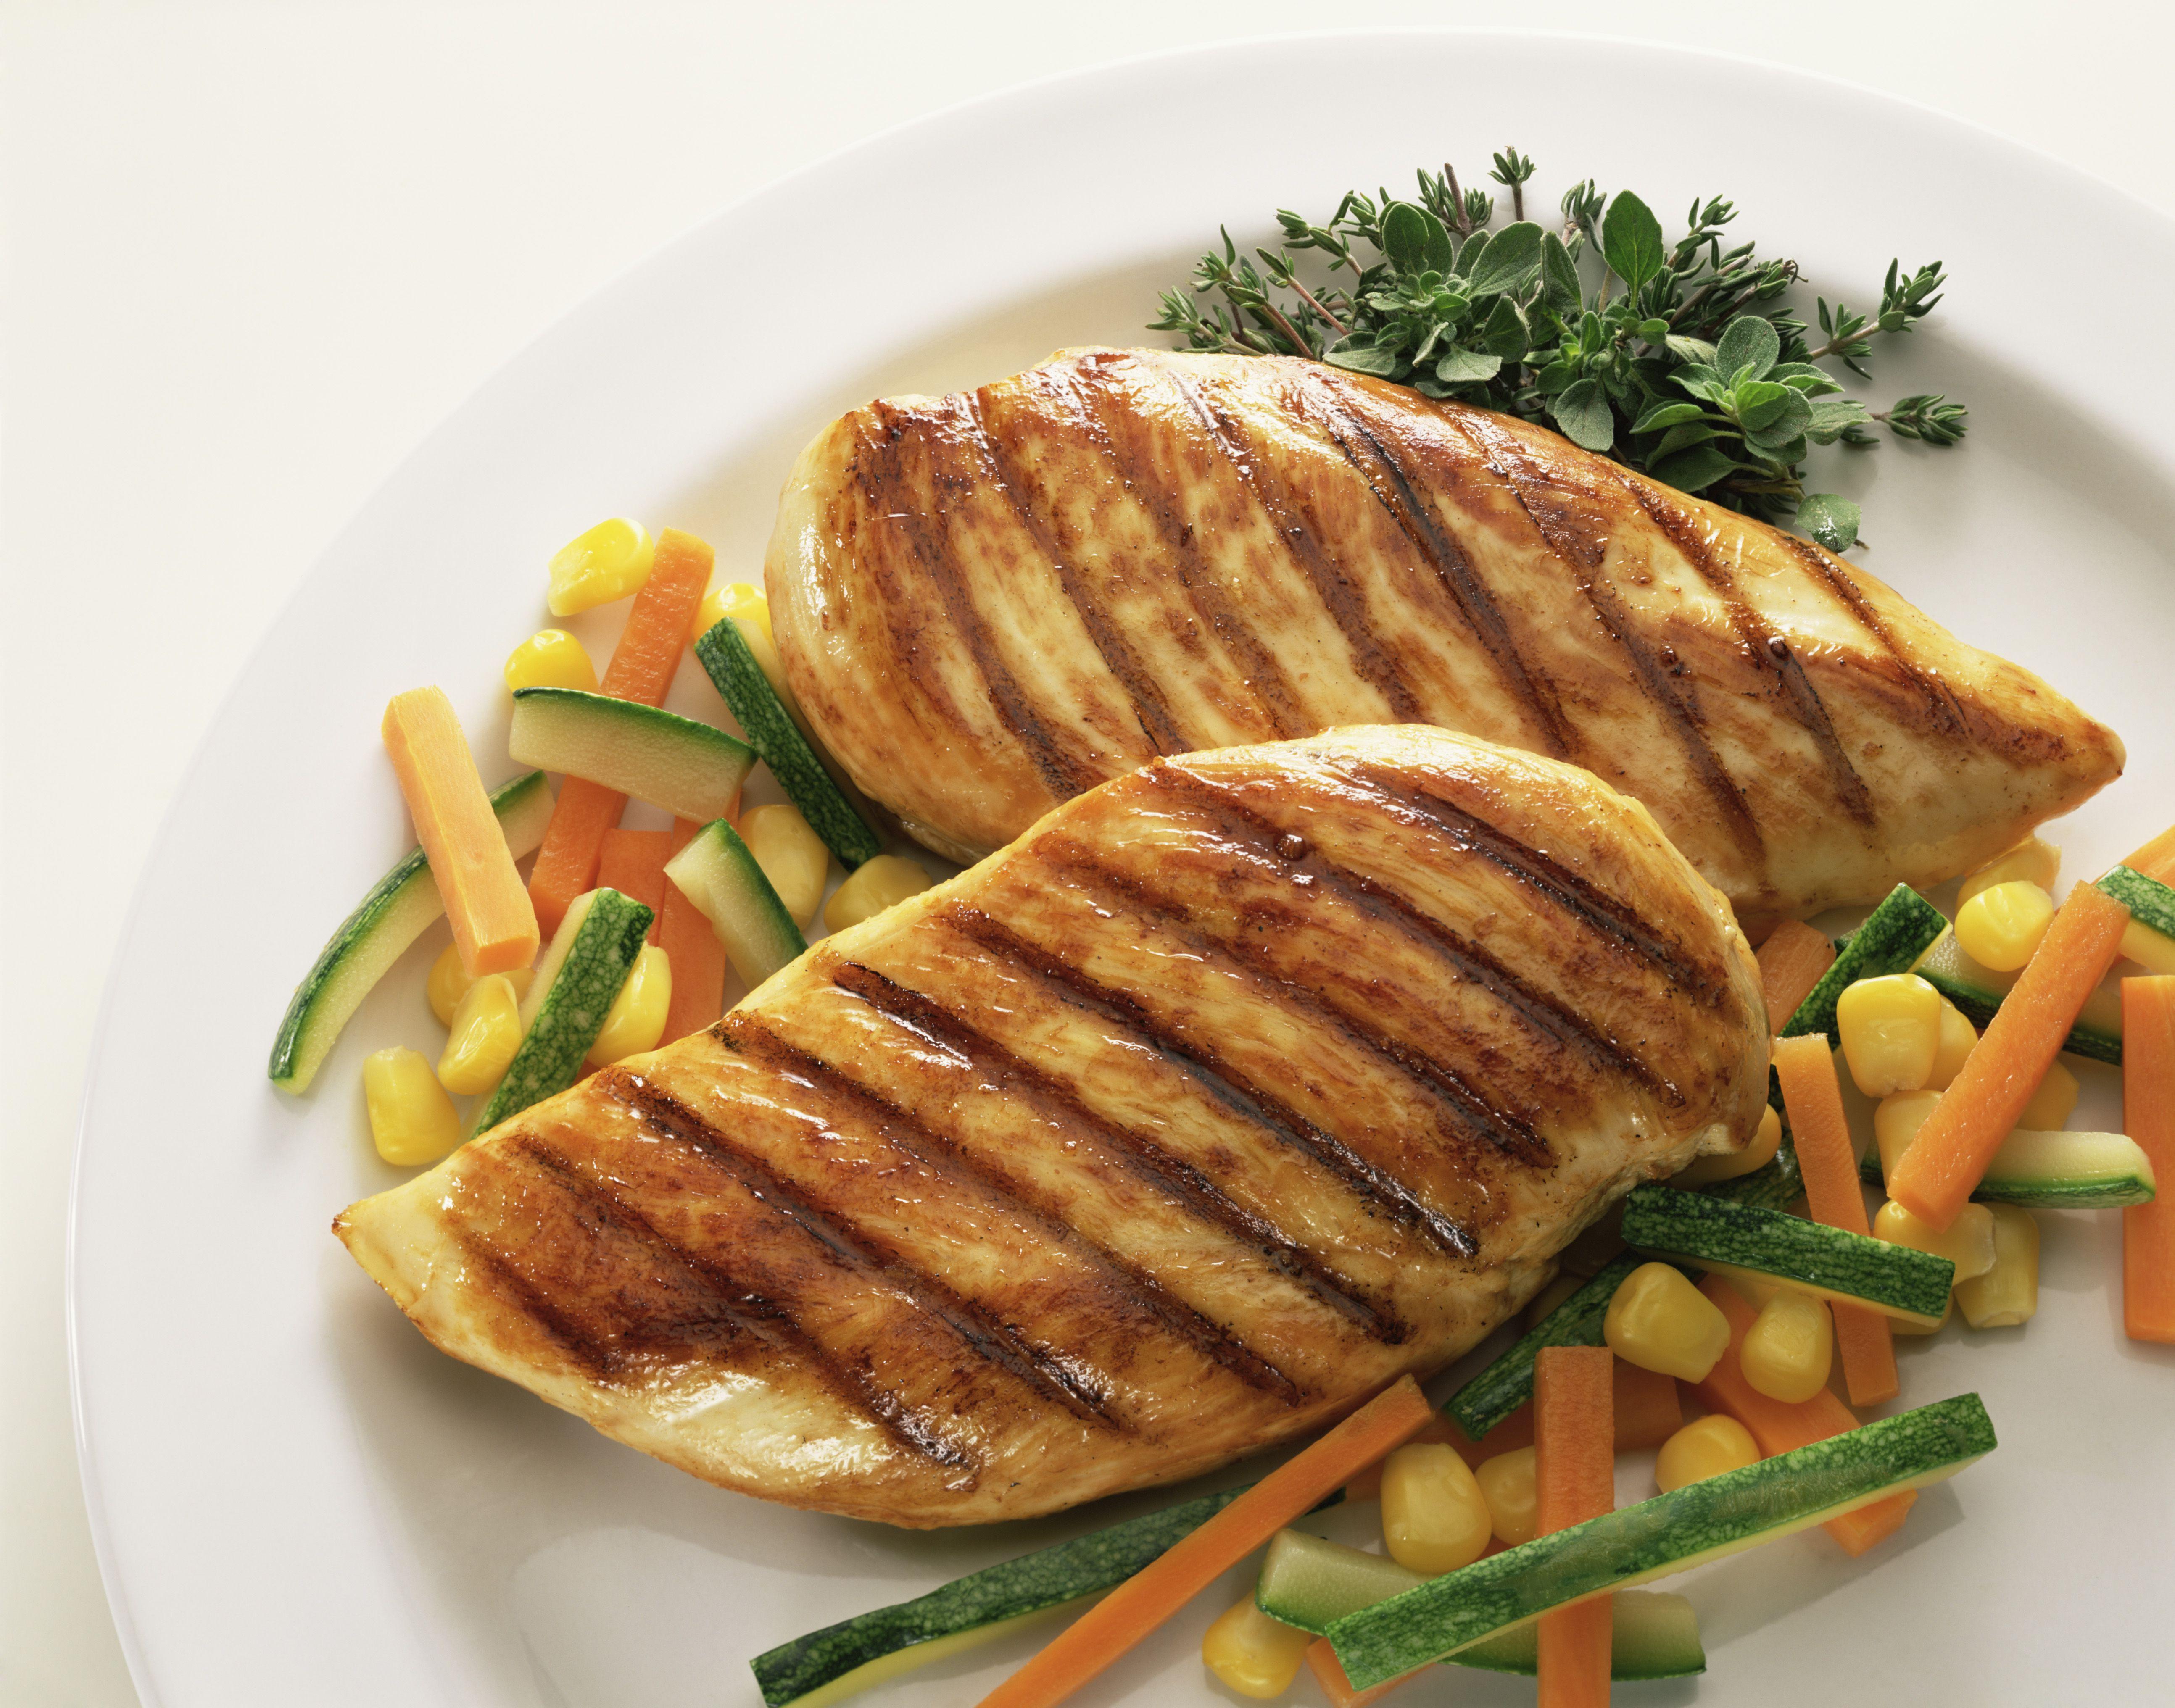 grilled chicken over vegetables